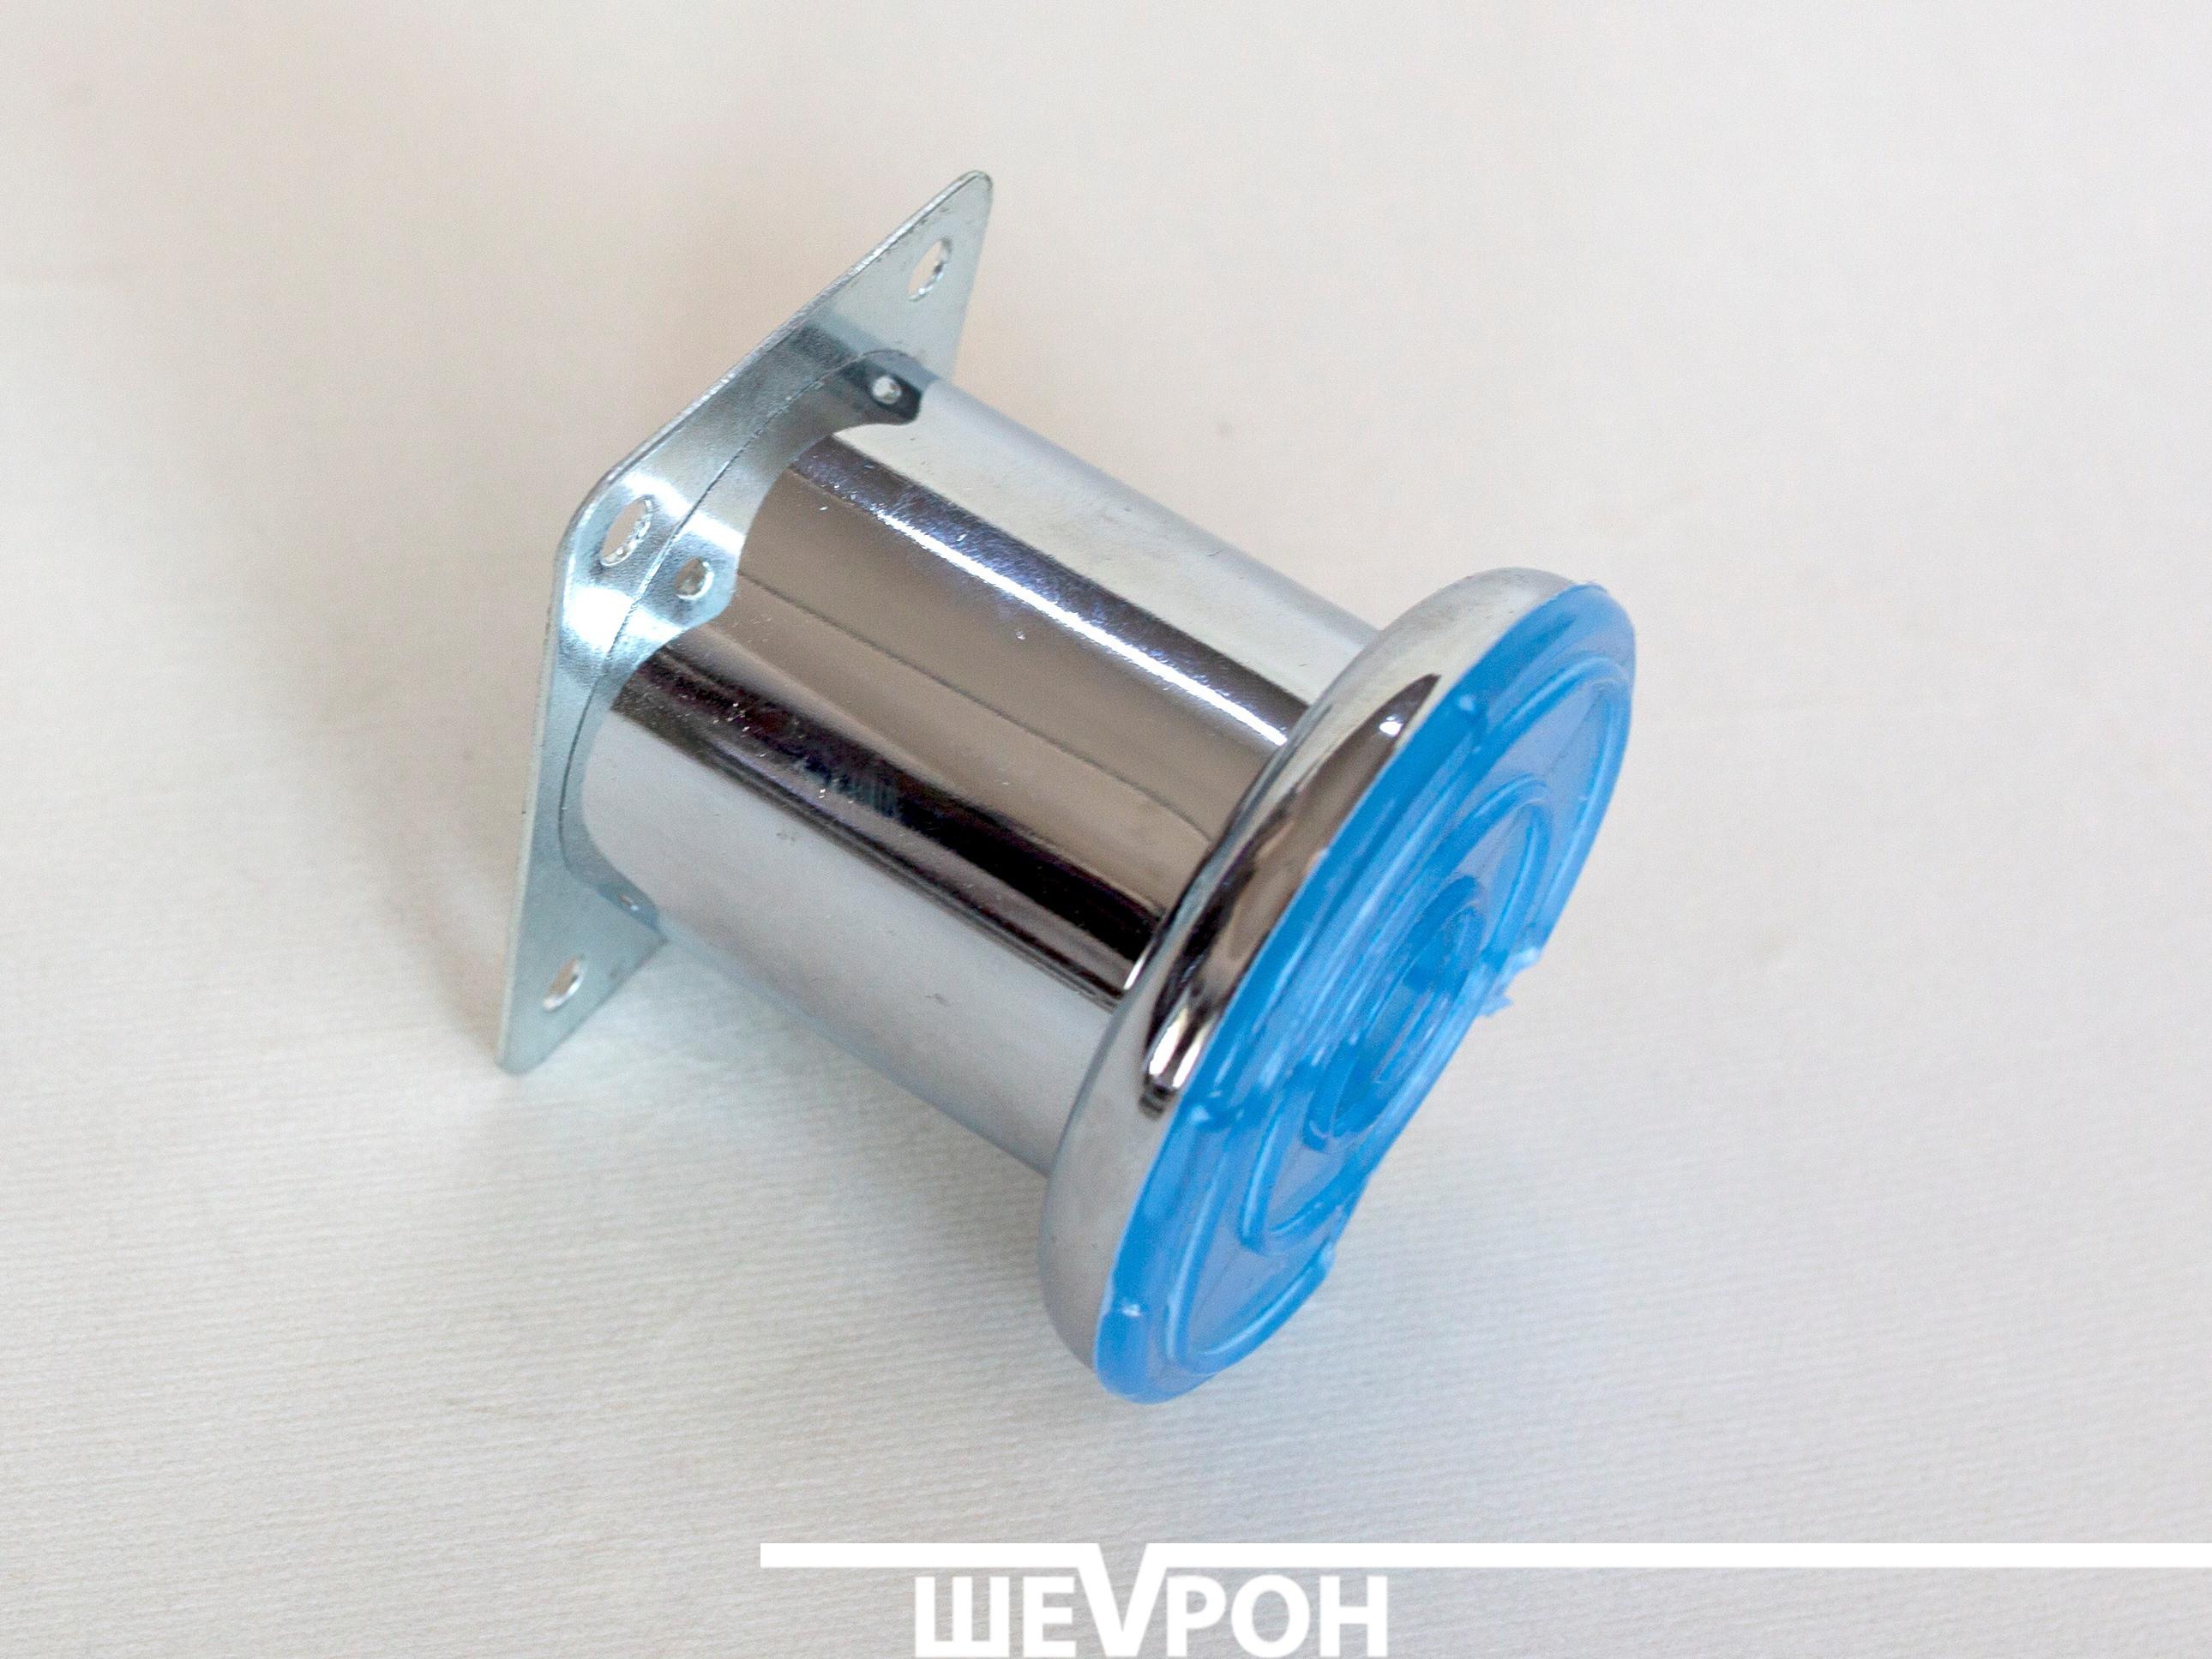 картинка Опора КА 0224-5Н/80/0.6 от магазина Шеврон